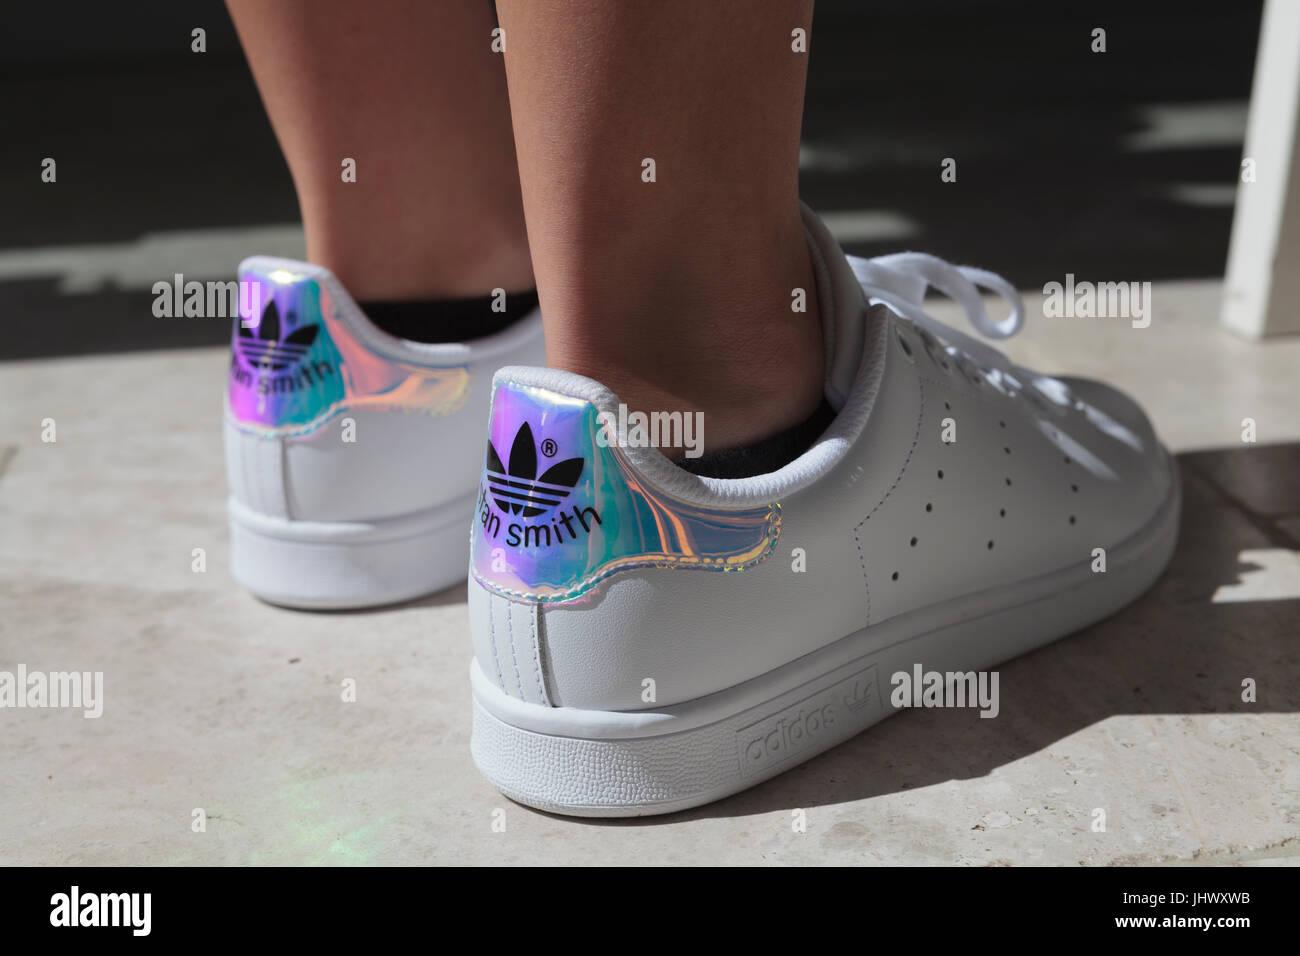 Traer Albardilla Ensangrentado  Stan Smith Adidas Trainers on Feet on Ground Stock Photo - Alamy